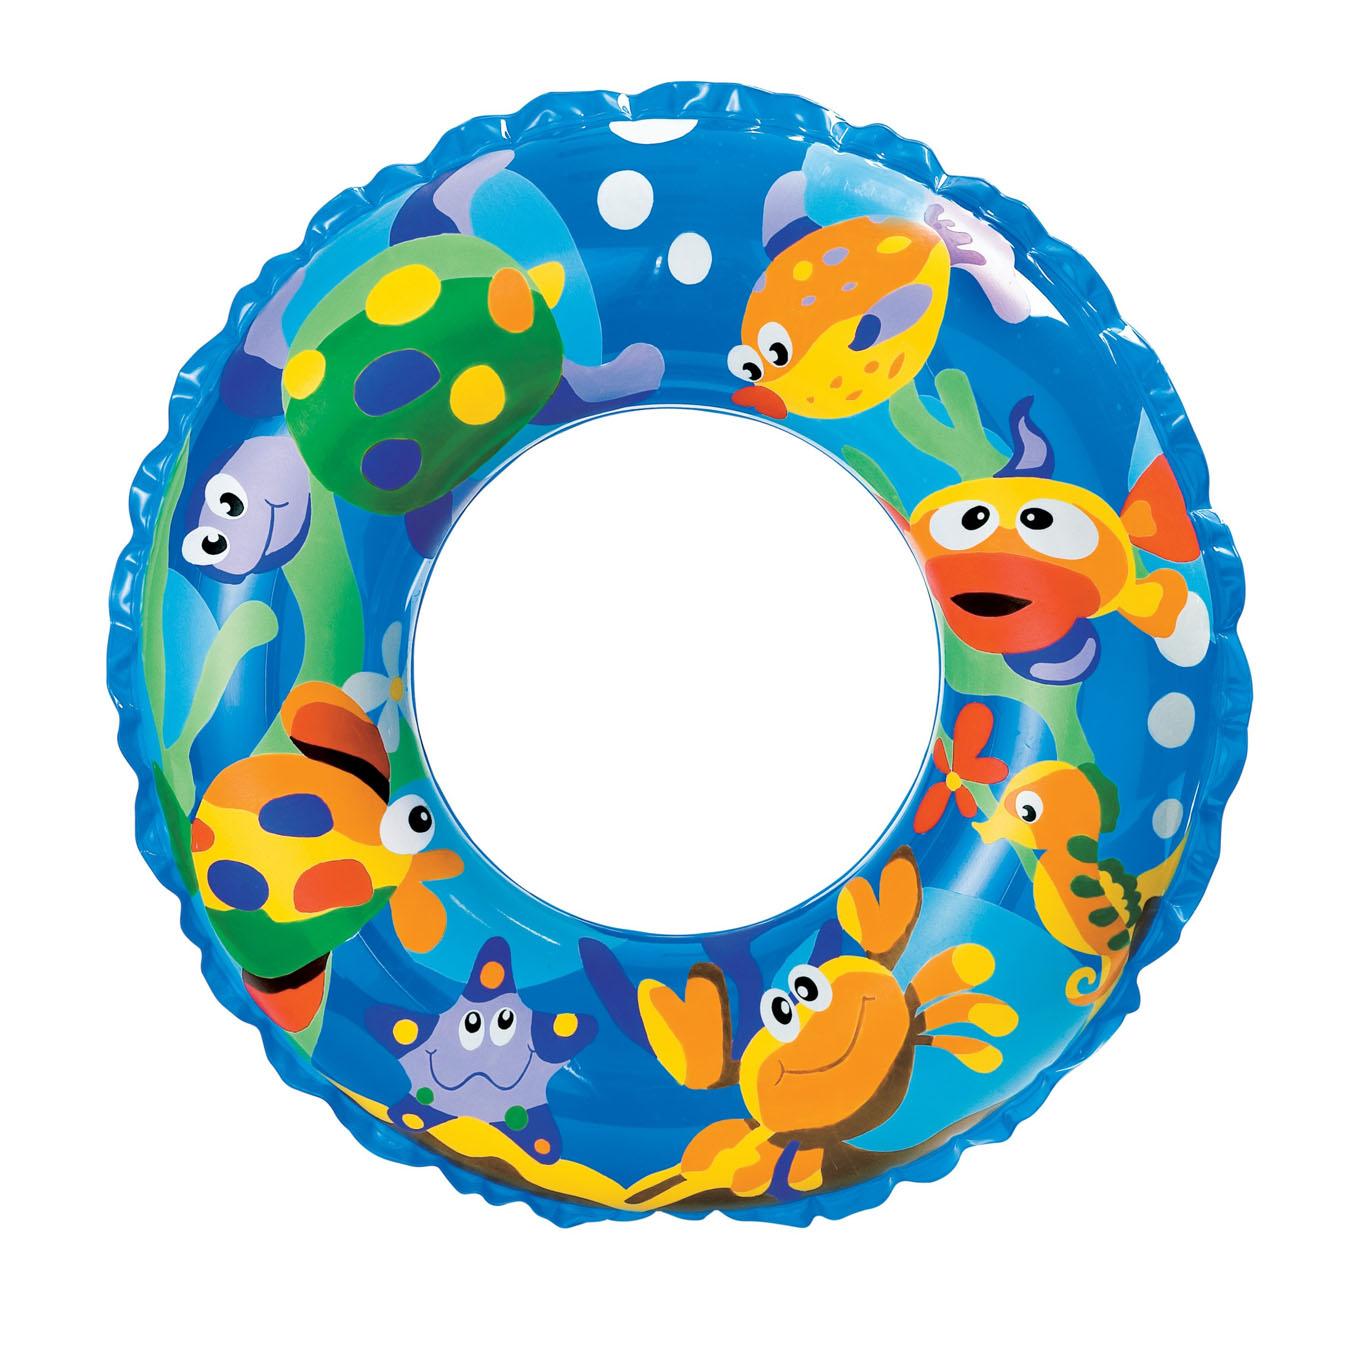 Круг надувной TransparentНадувные животные, круги и матрацы<br>Круг надувной Transparent<br>